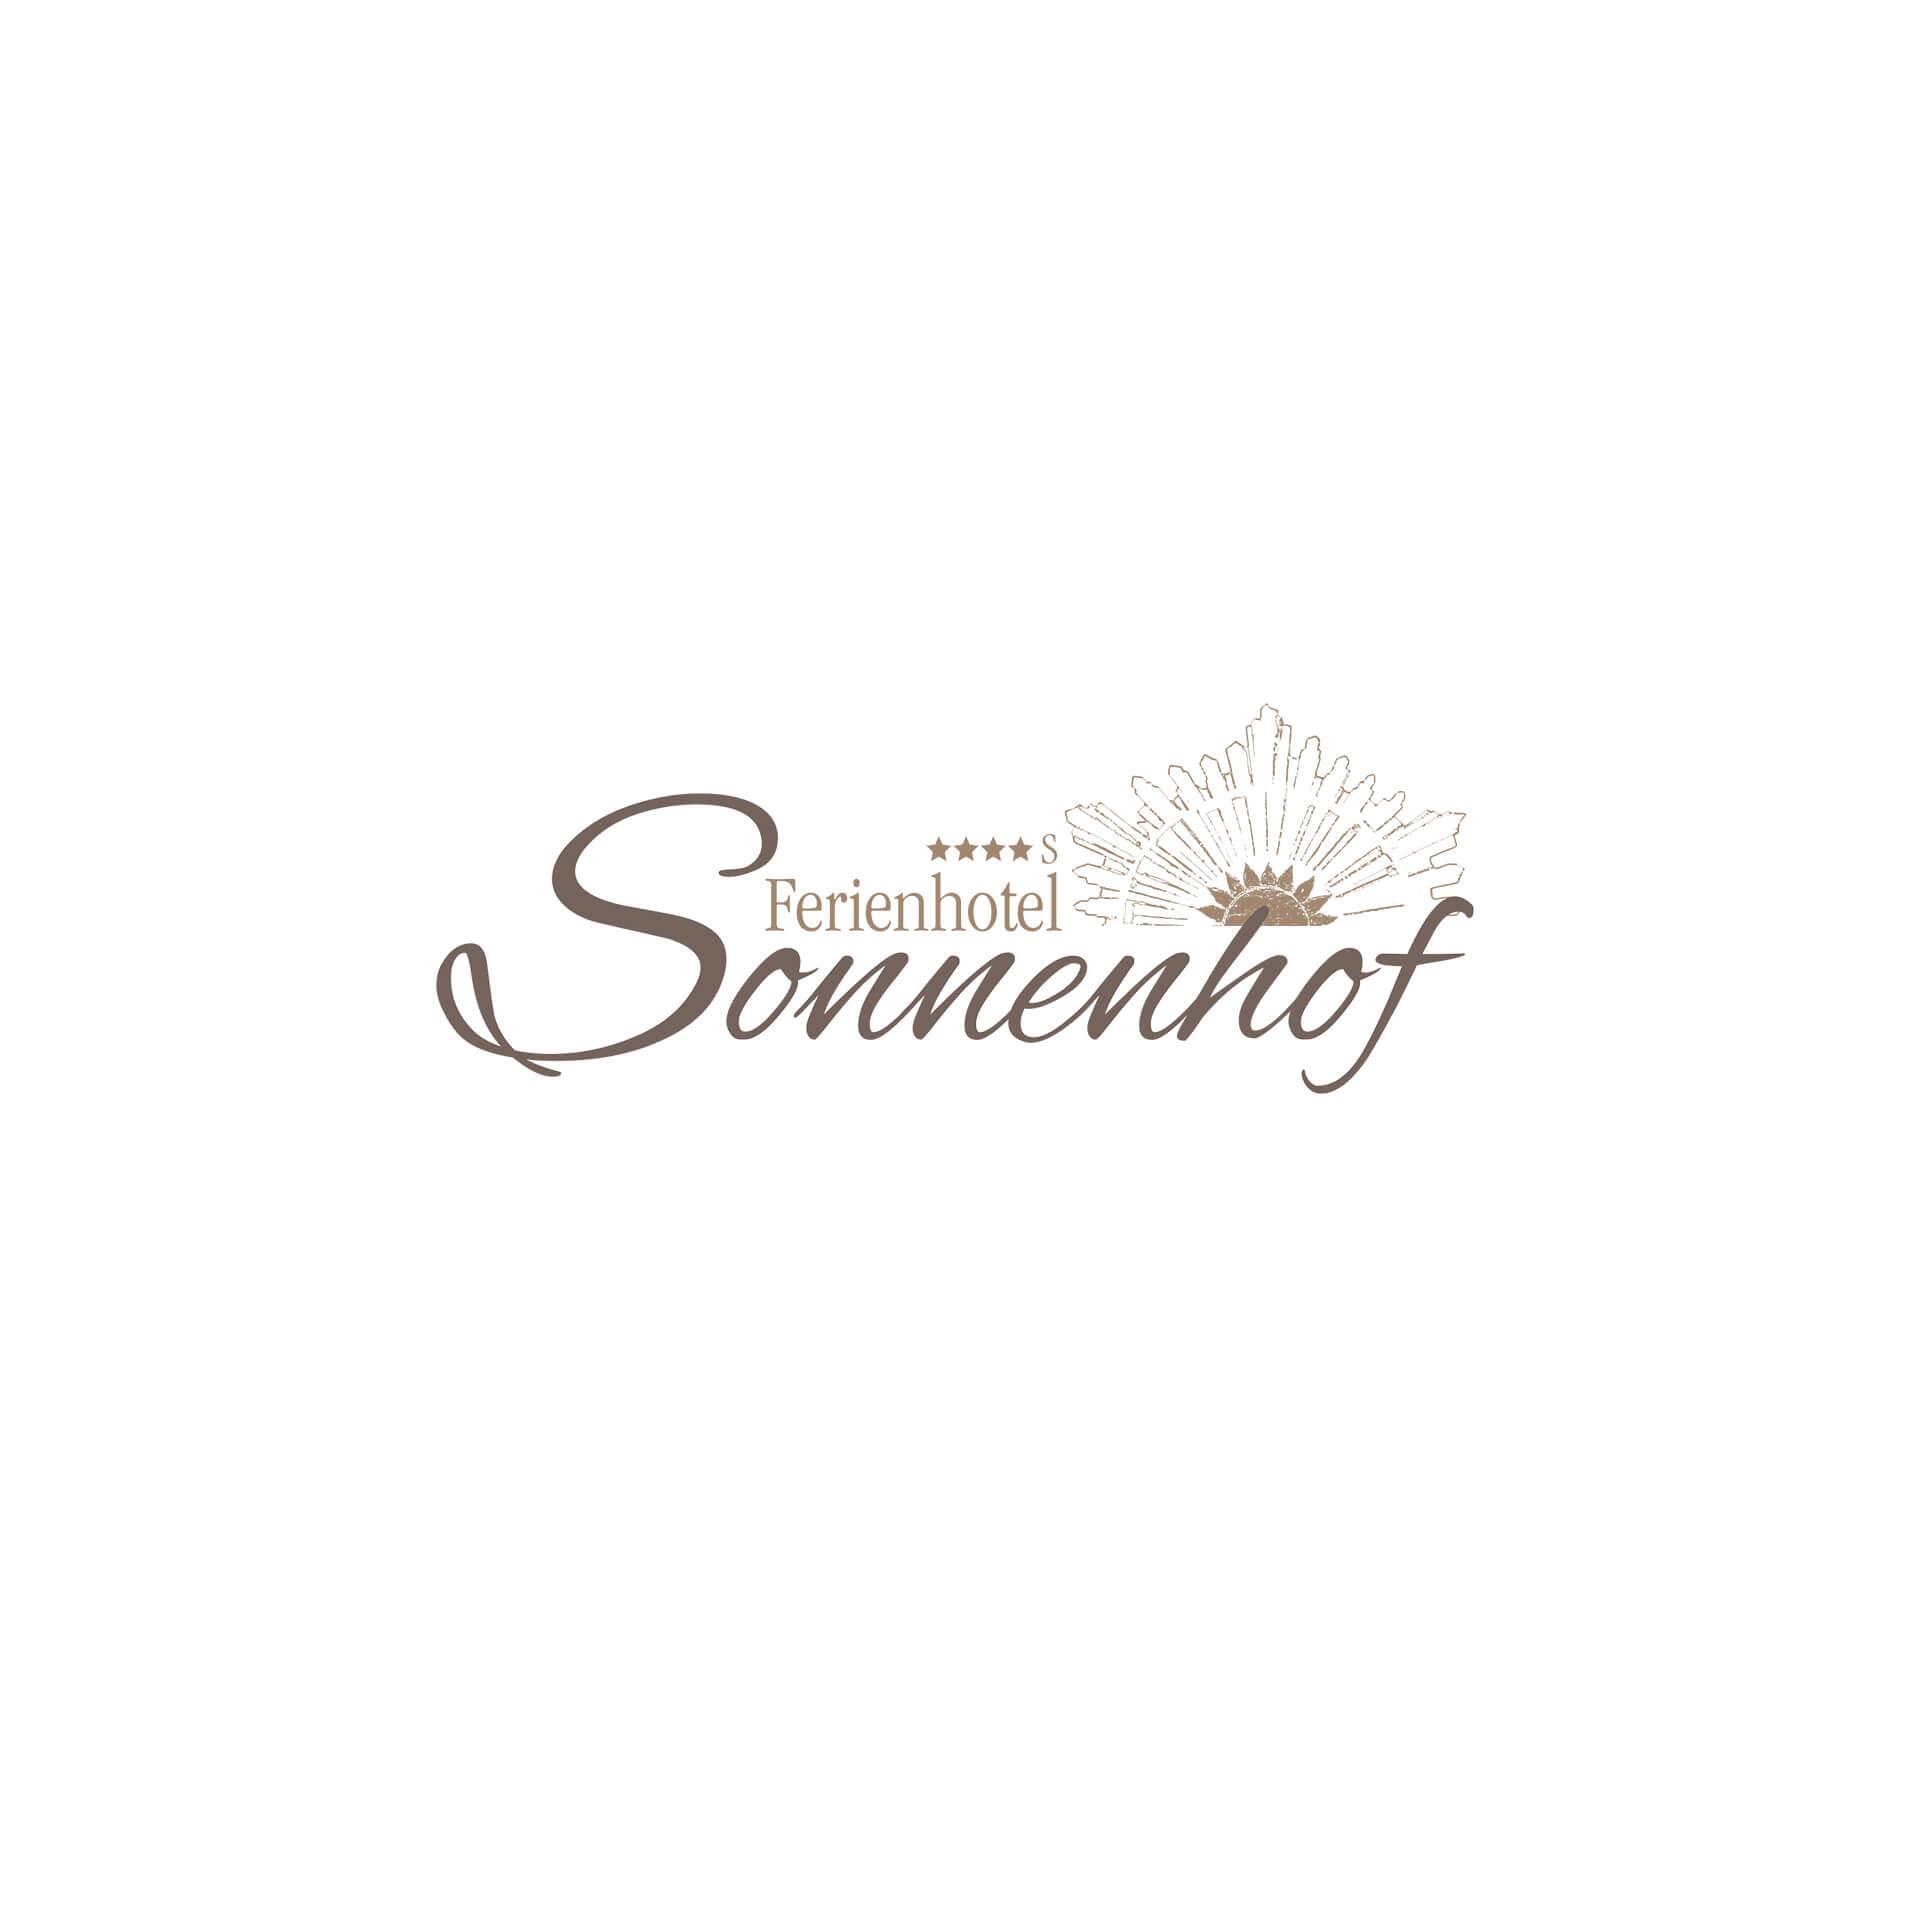 Sonnenhof Logo Neu